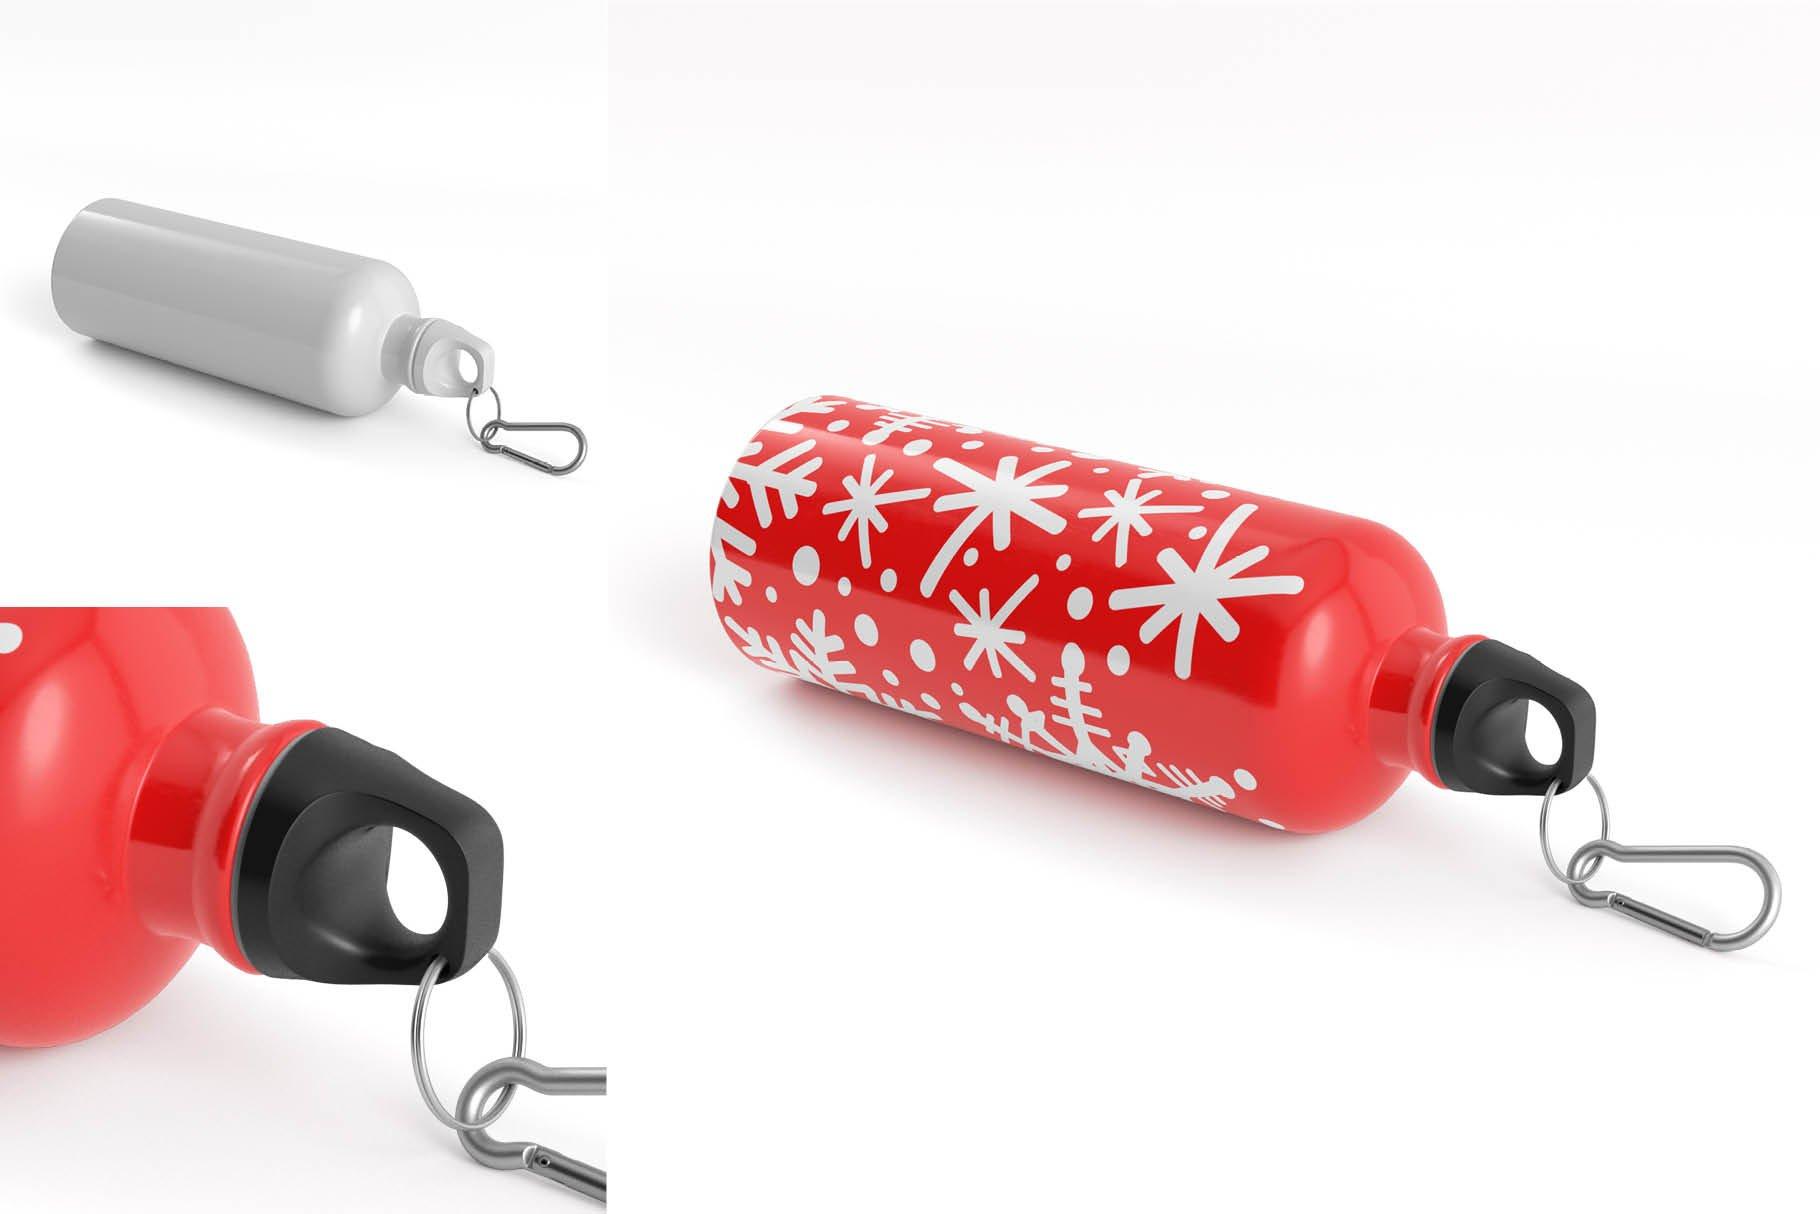 5款不锈钢保温水杯设计智能贴图样机模板 Aluminium Water Bottle Mock-Up插图6